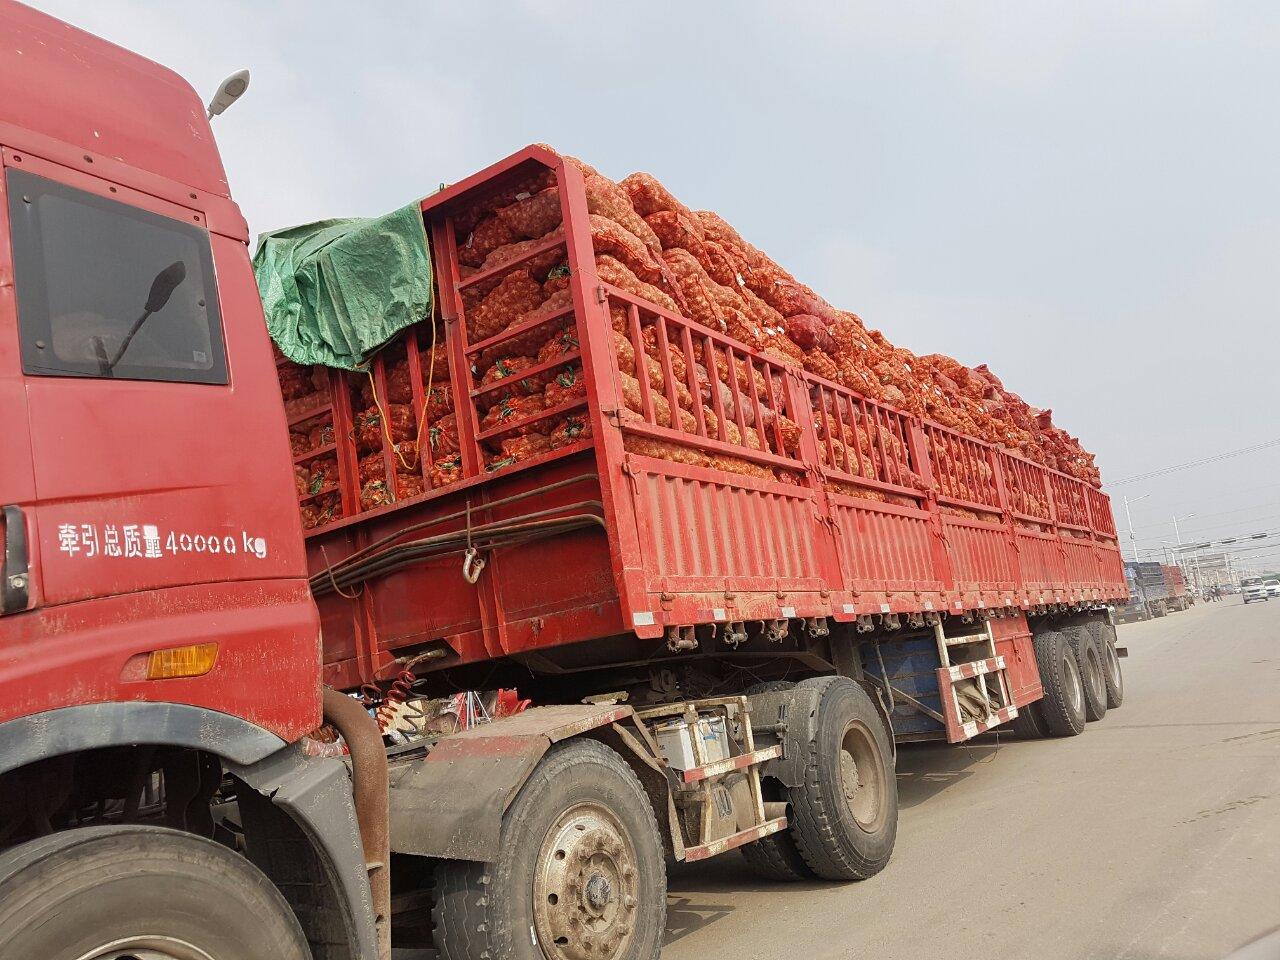 грузовик с чесноком едет на китайский рынок чеснока в Китае, Шандунь, Цзиньсян